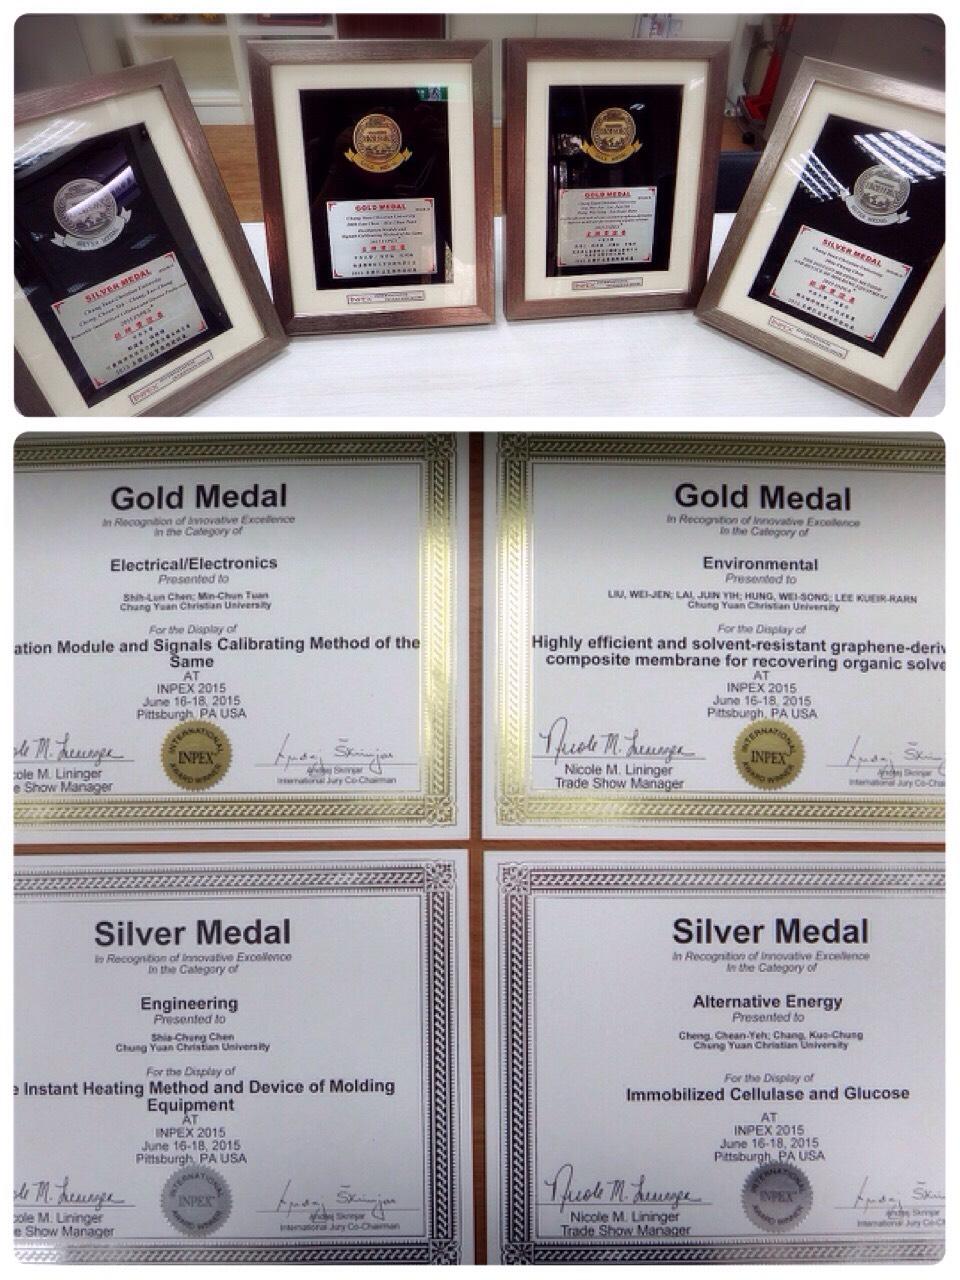 賀!2015美國匹茲堡發明展 中原大學榮獲2金2銀佳績